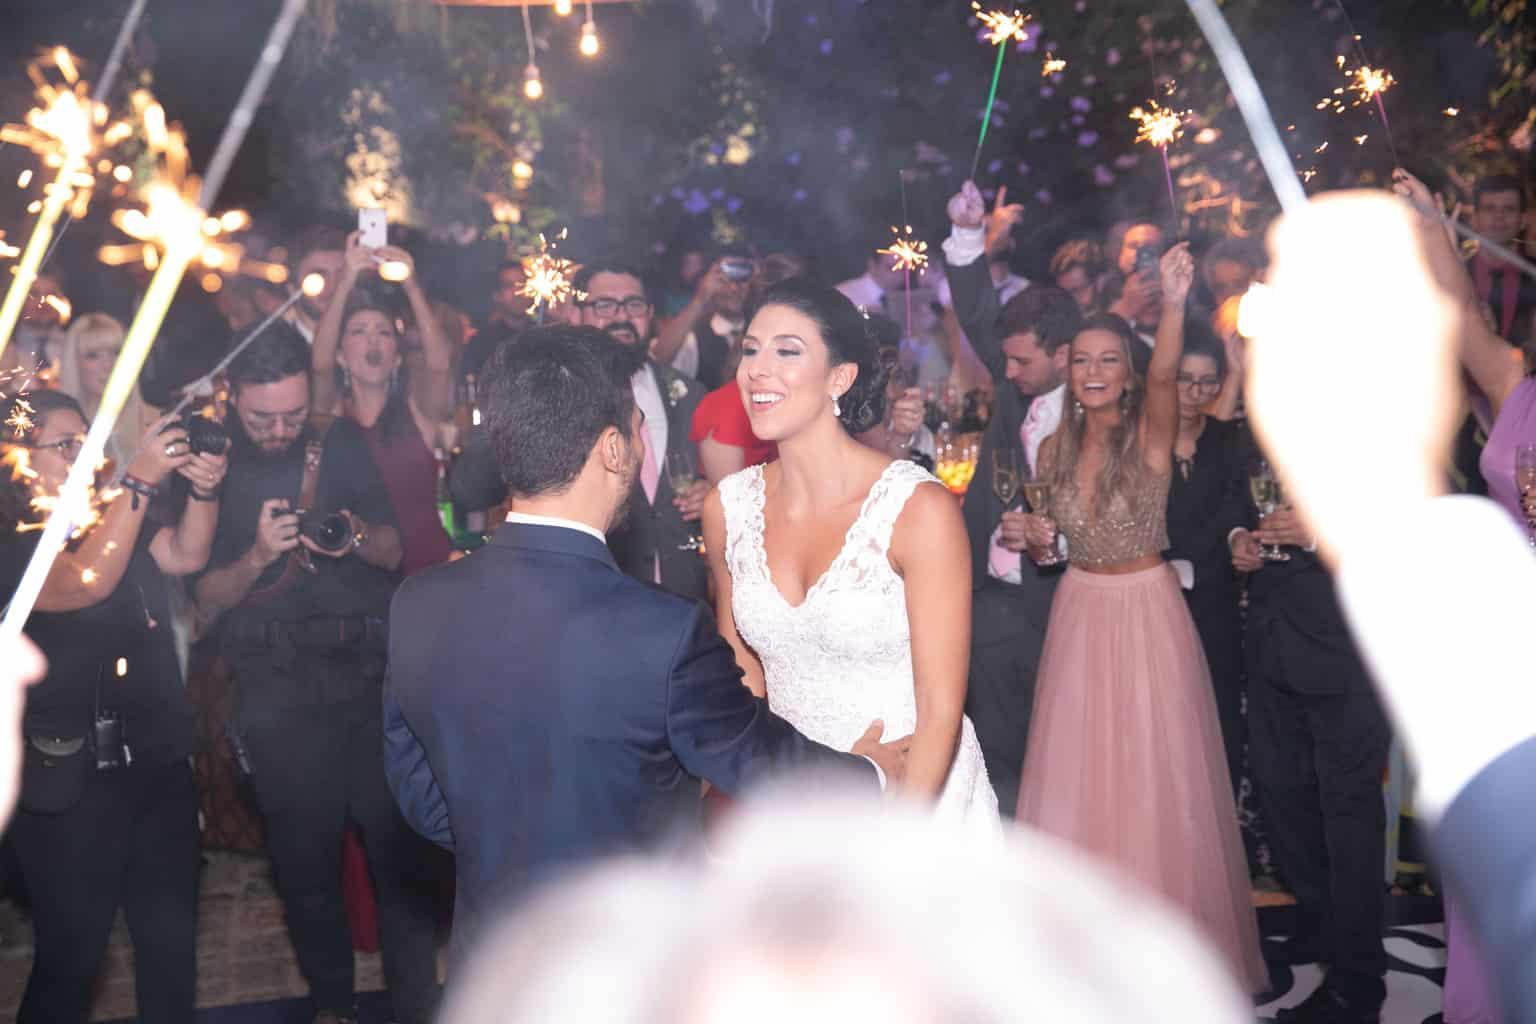 casamento-na-Fazenda-Vila-Rica-cerimonial-Ana-Paula-Tabet-Fotografia-Euka-Weddings-pista-Renata-e-Gabriel127